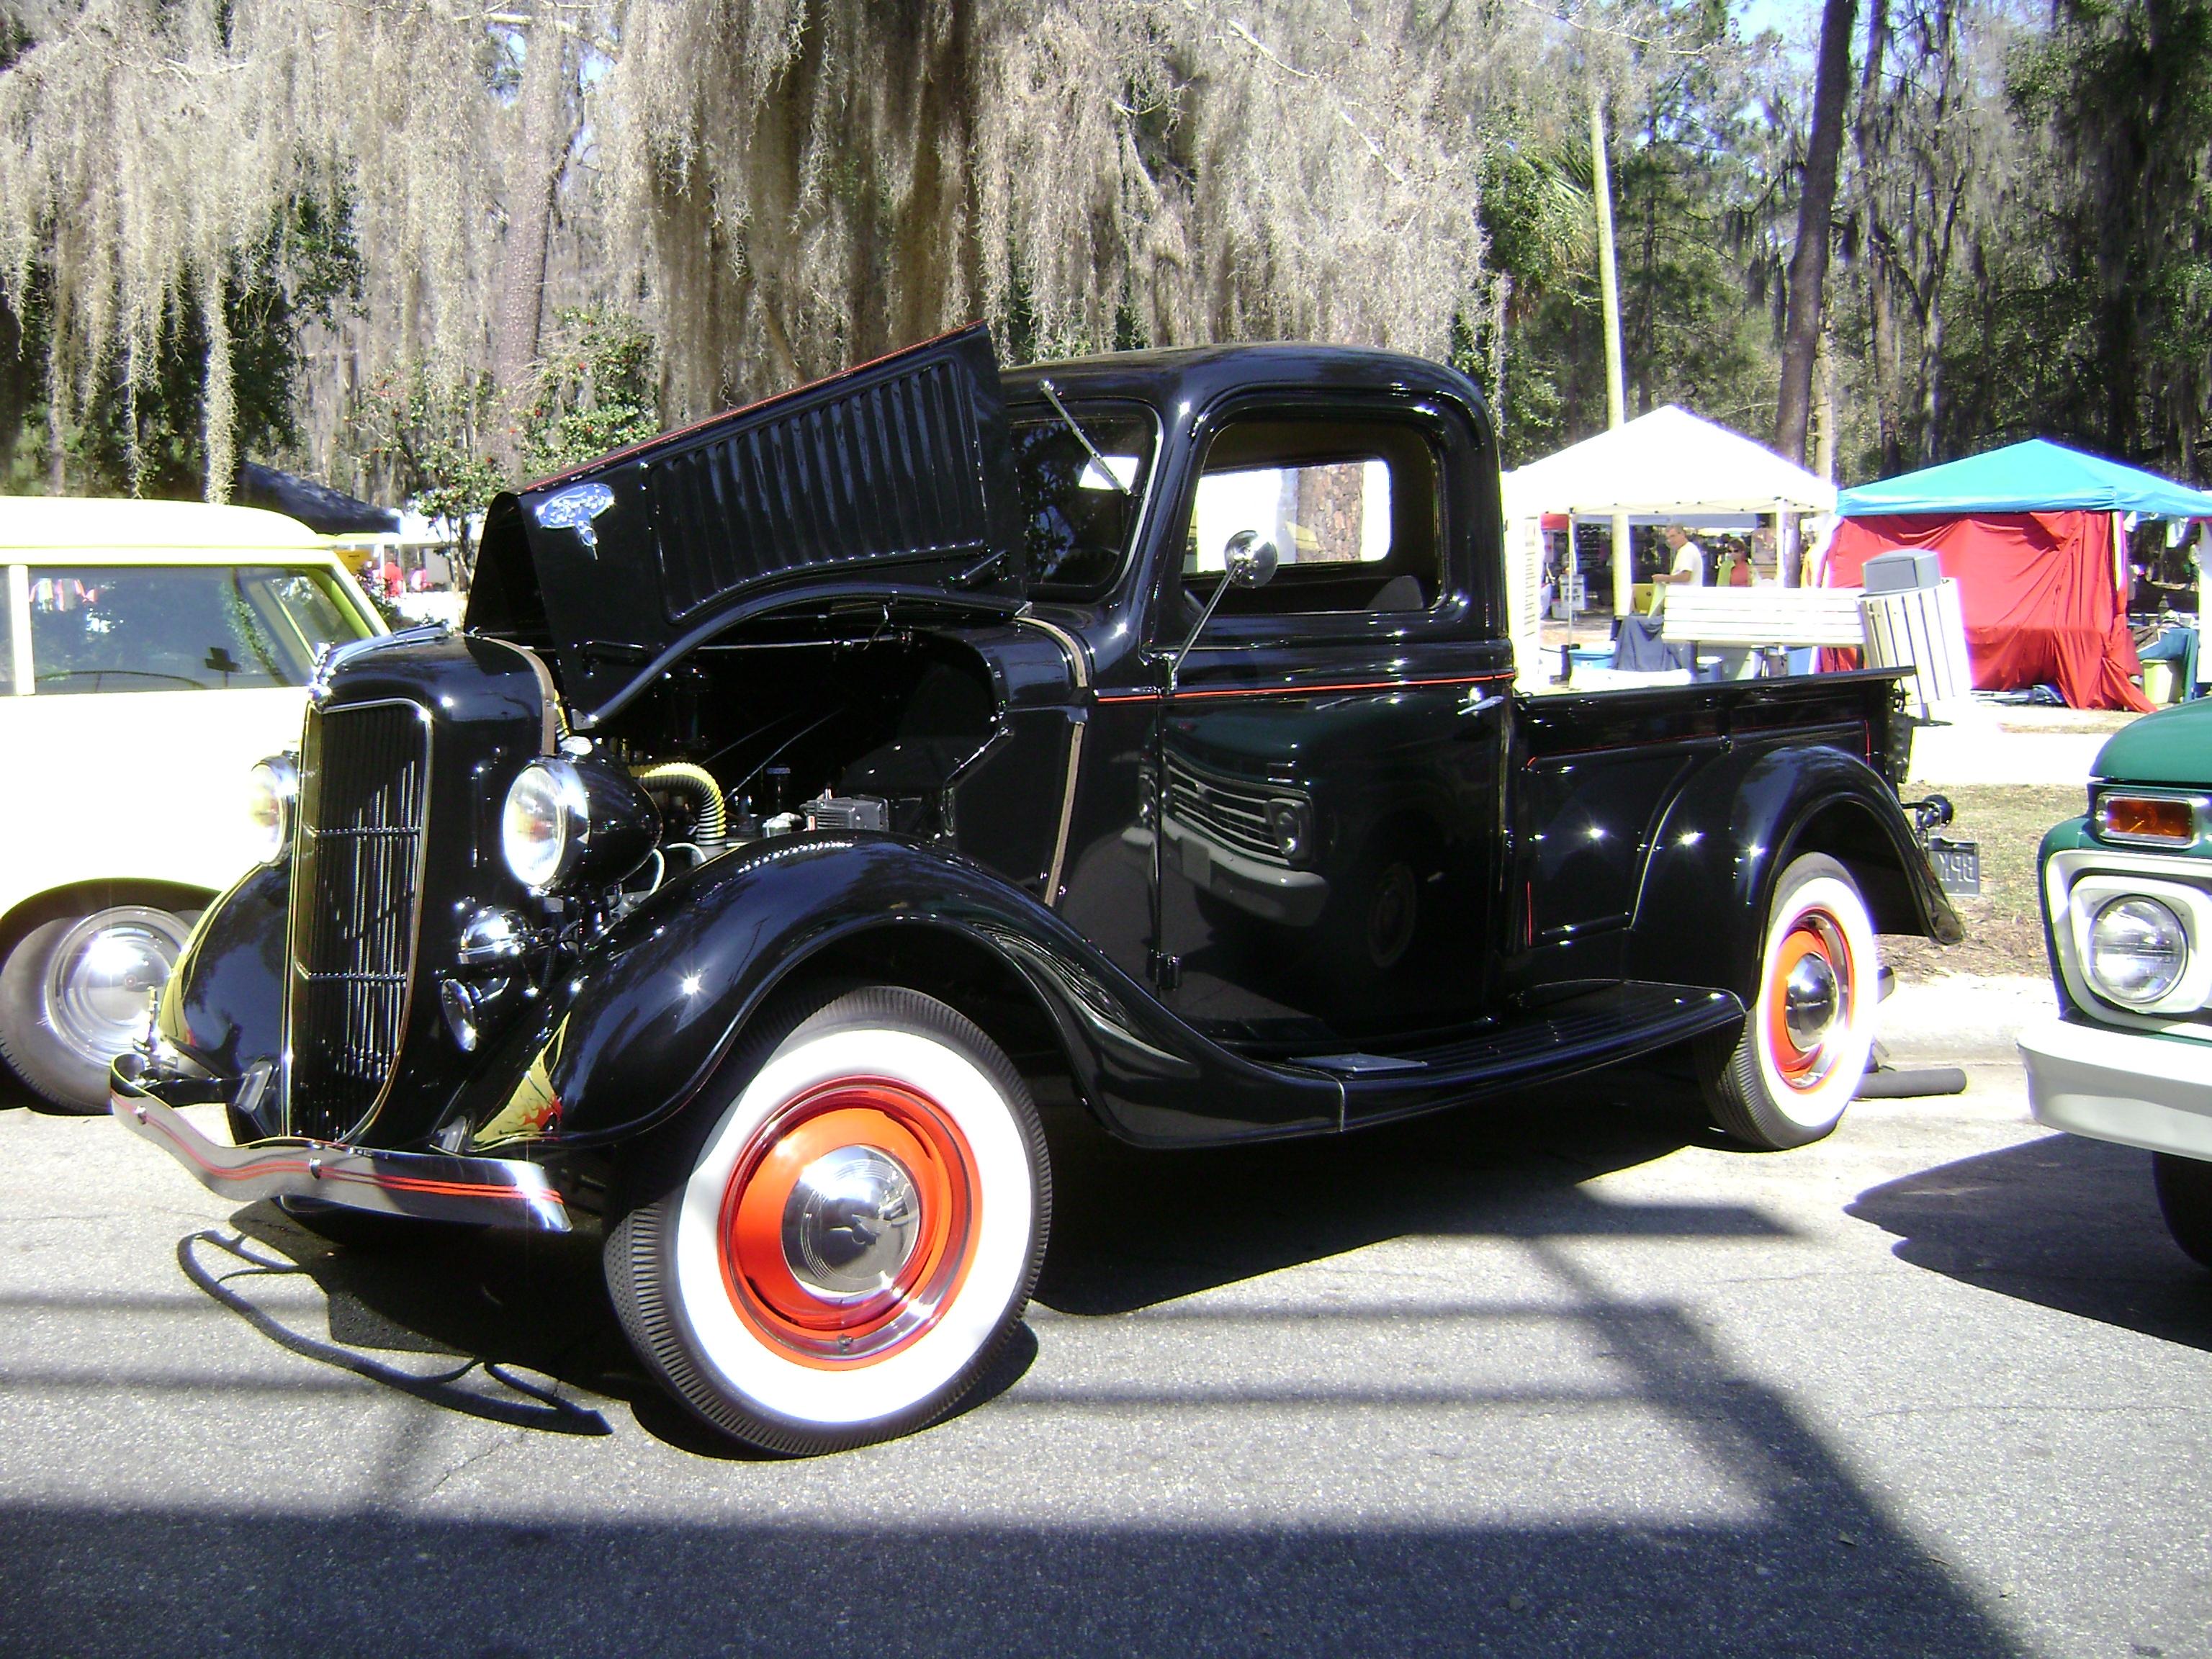 File:Azalea Festival 2013 - 1936 Ford Pickup.JPG